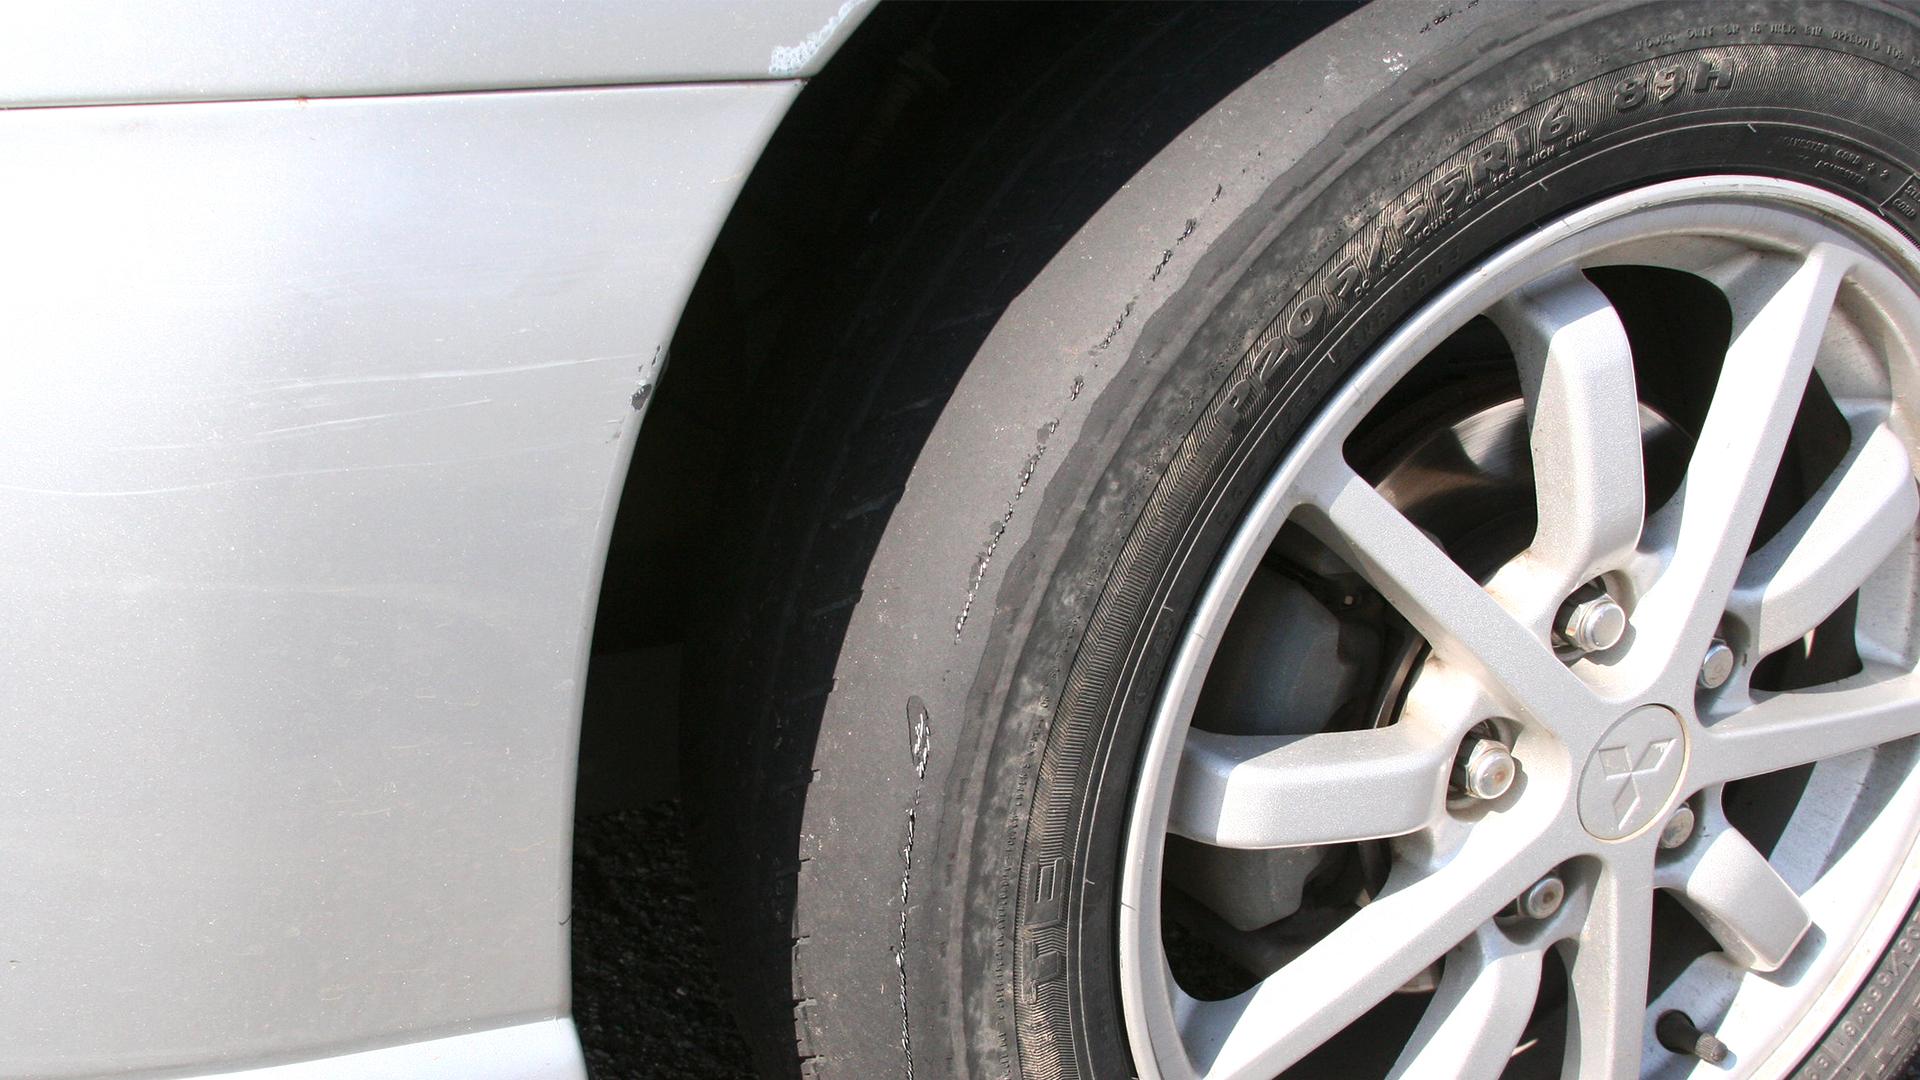 Atente-se aos pneus antes de pegar o carro para viajar